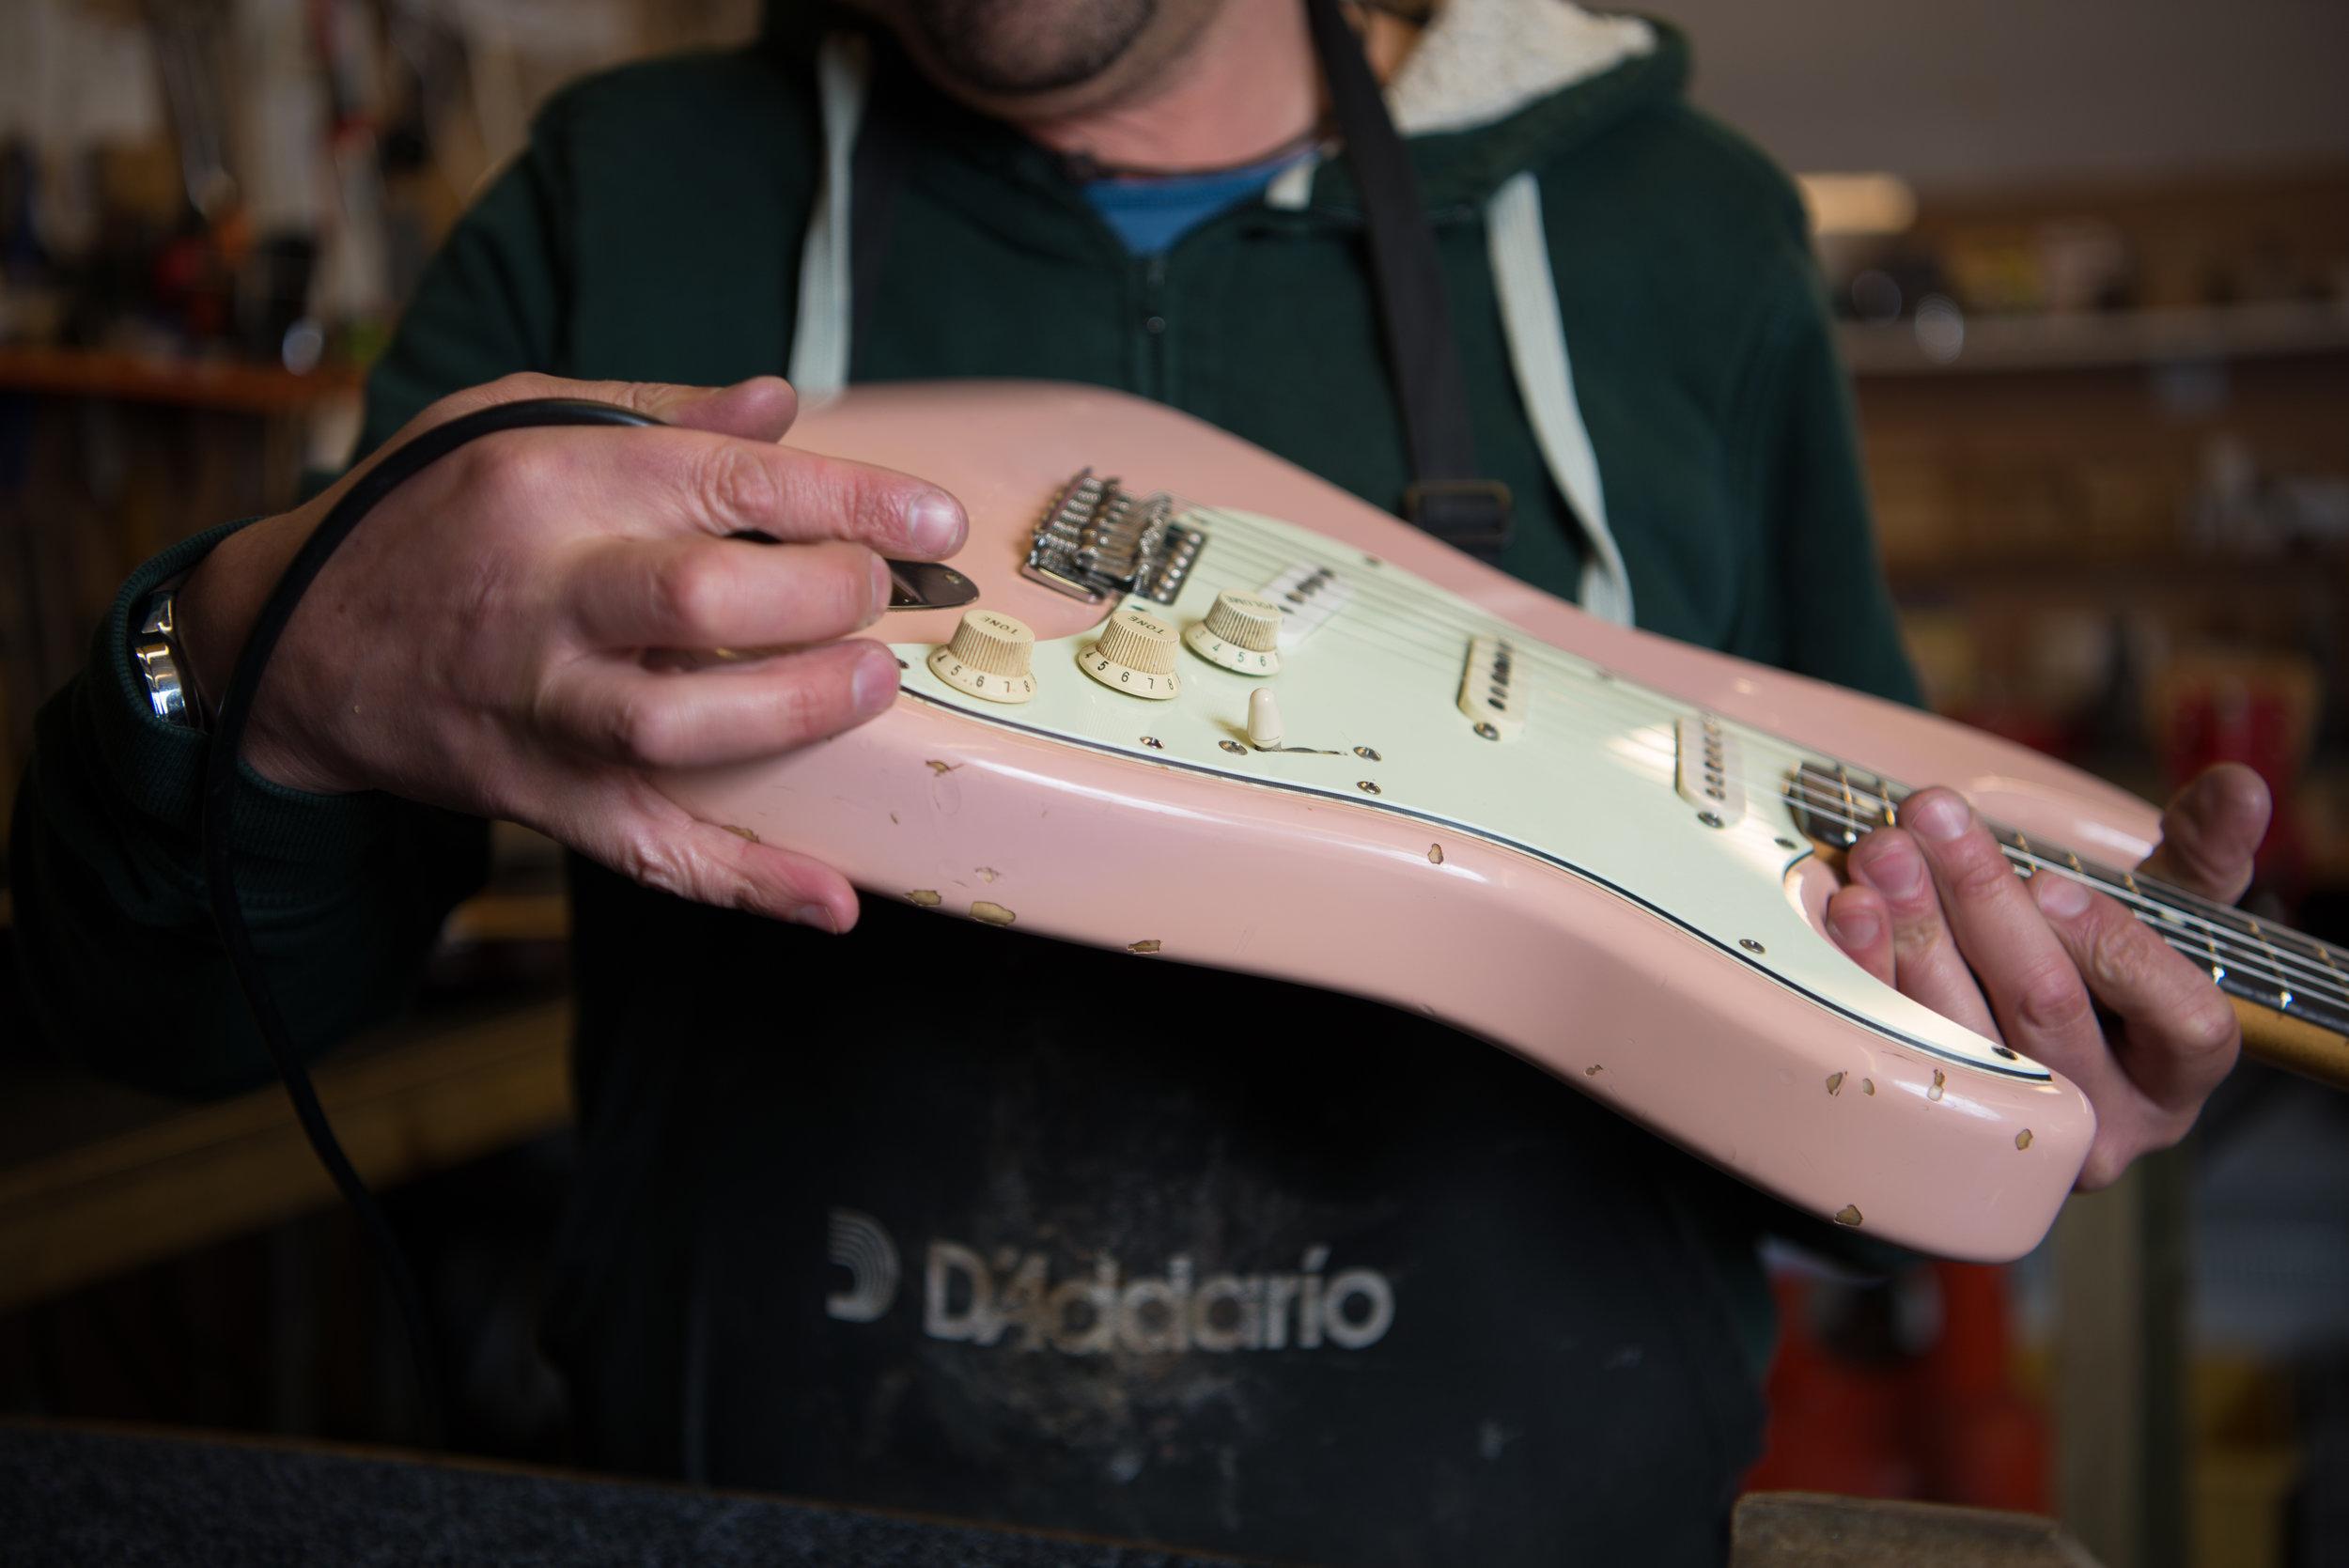 Julyan testing out the guitar. April 2018, Penzance, UK.